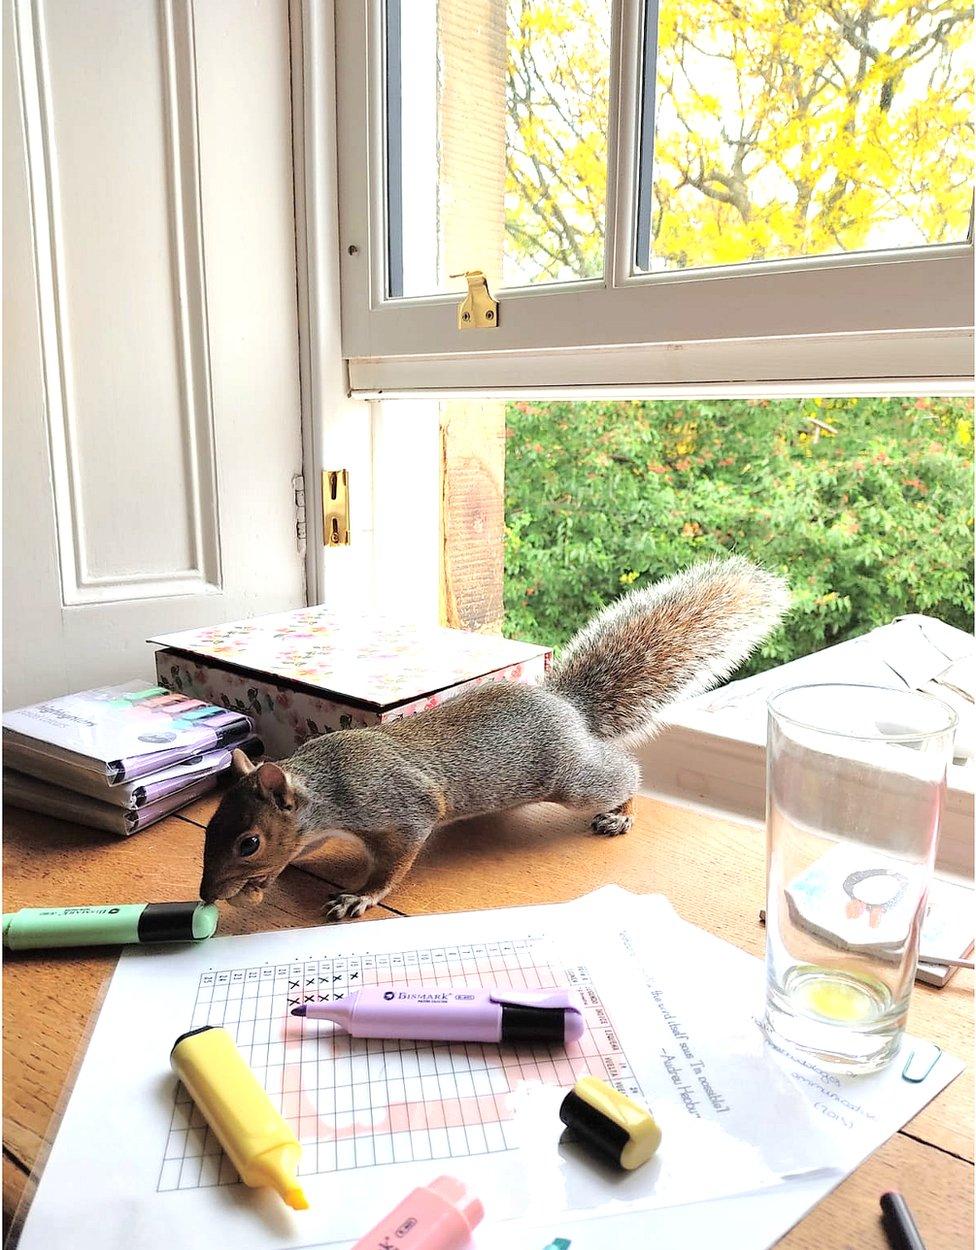 squirrel burglar